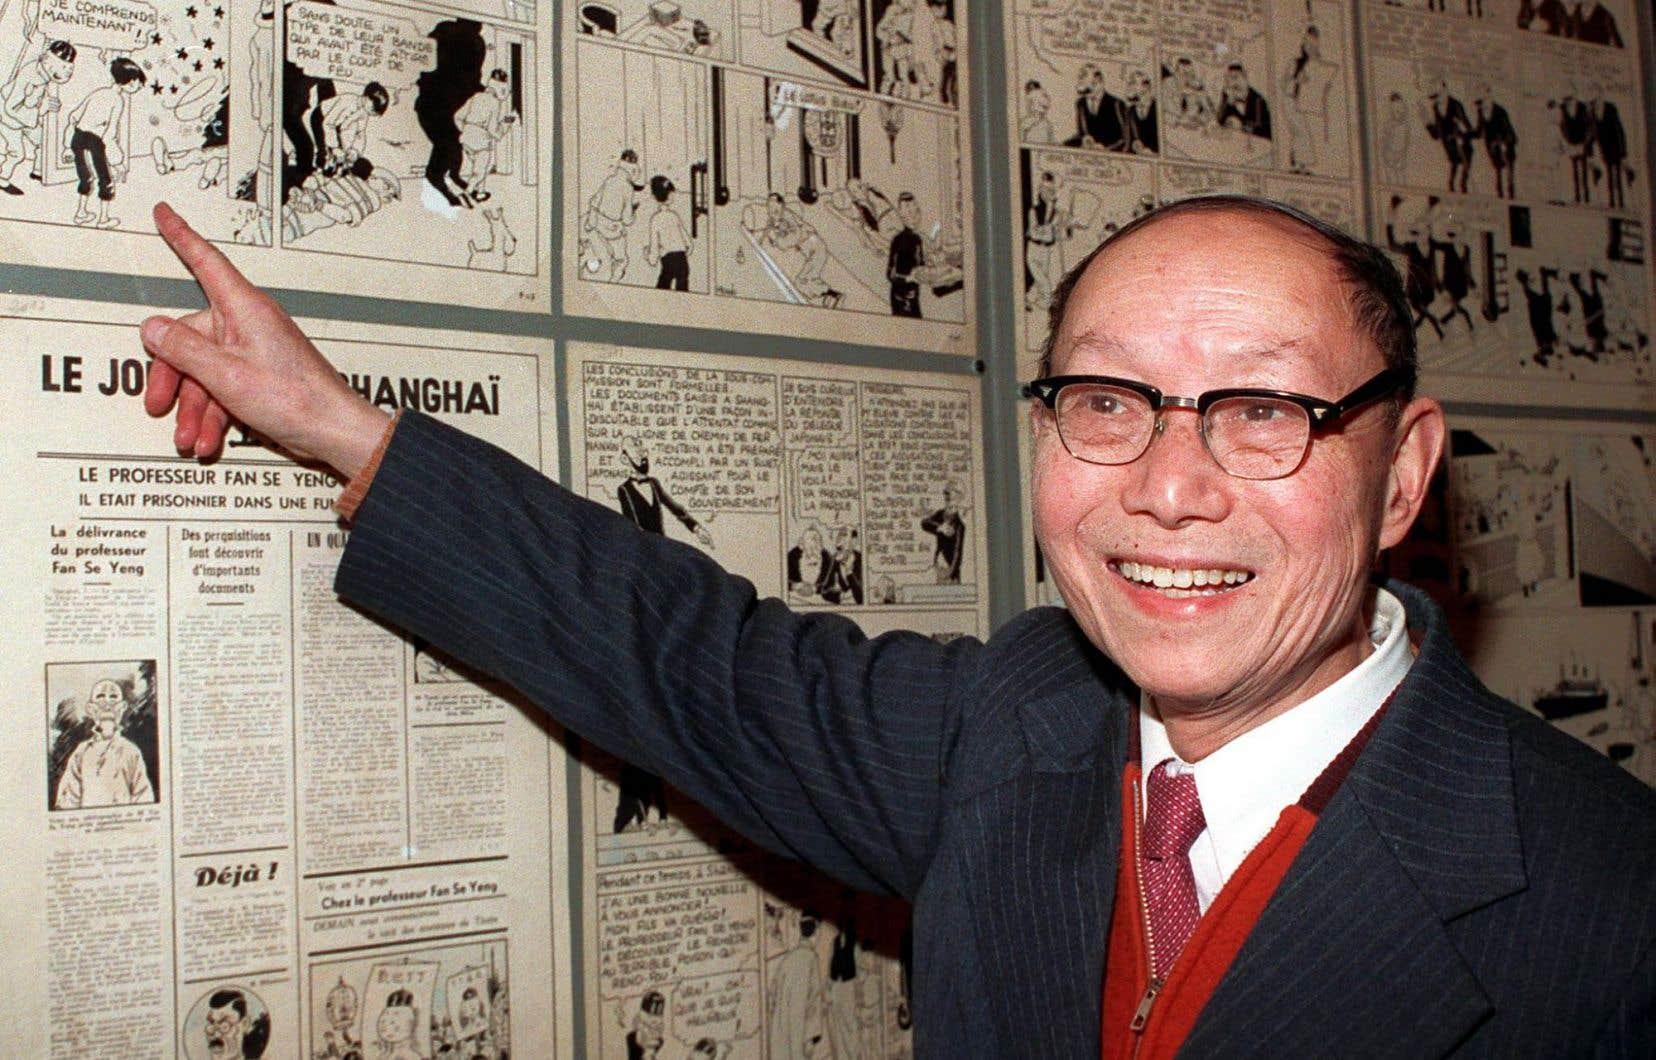 Pour le personnage du jeune Tchang du «Lotus bleu», Hergé s'est inspiré de Tchang Tchong-Jen, scuplteur et peintre décédé en octobre1998 en France à l'âge de 93ans. En janvier de la même année, on l'avait photographié au festival de bande dessinée d'Angoulème.